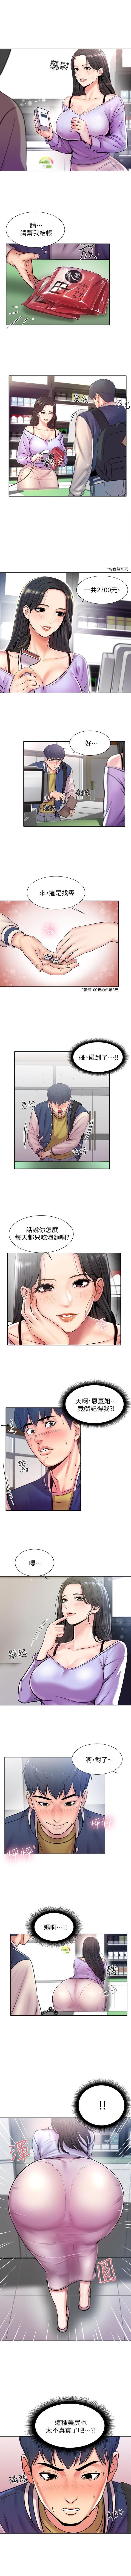 超市的漂亮姐姐 1-27 官方中文(連載中) 4